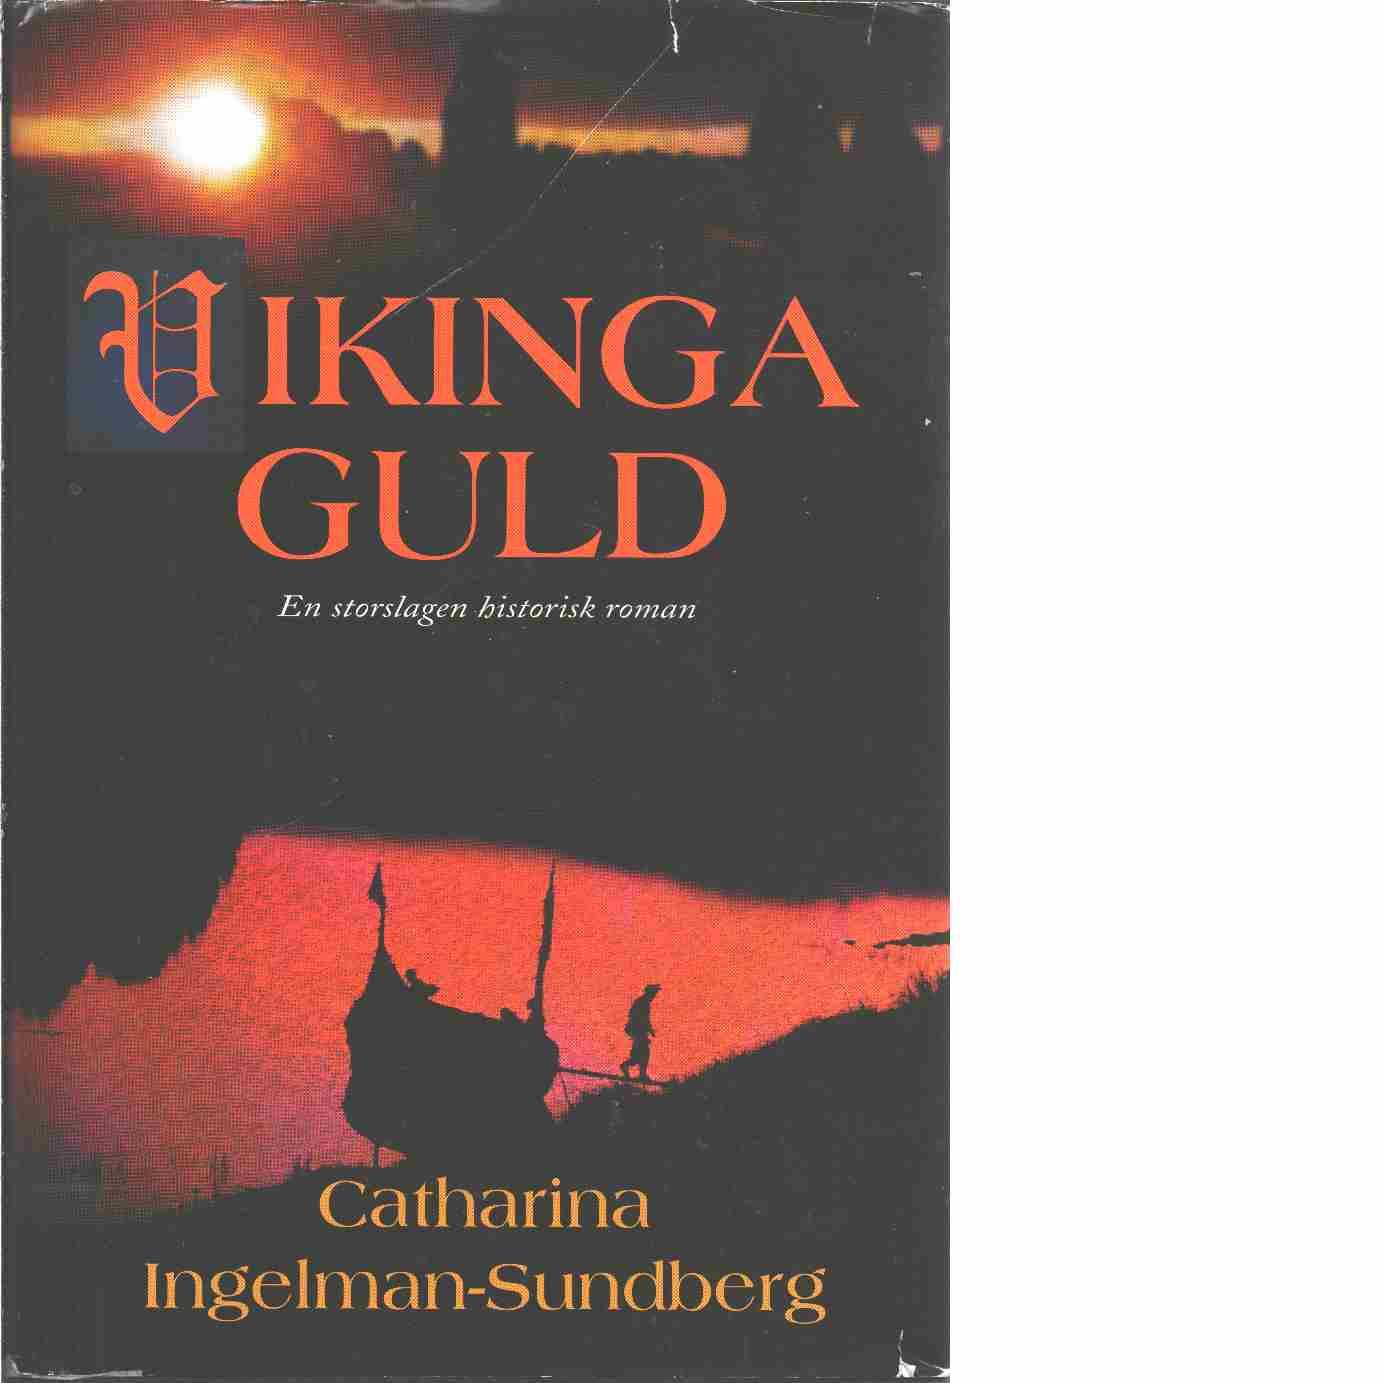 Vikingaguld - Ingelman-Sundberg, Catharina